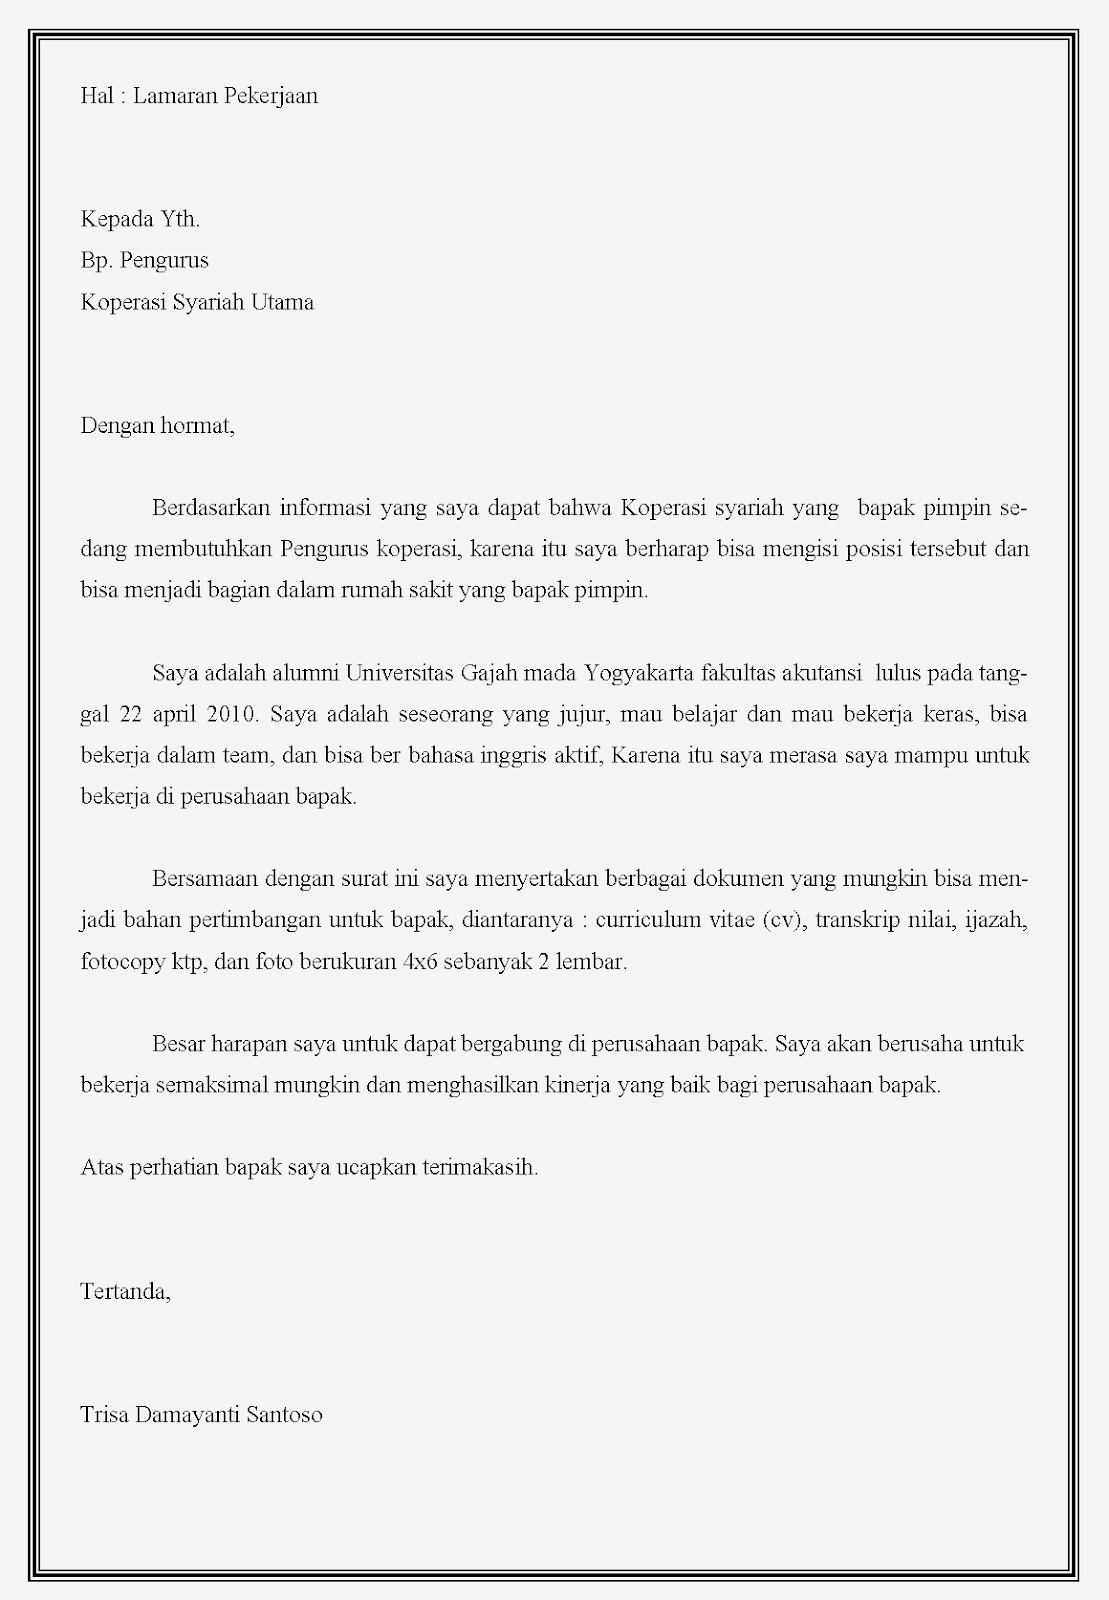 Contoh surat lamaran kerja koperasi Syariah